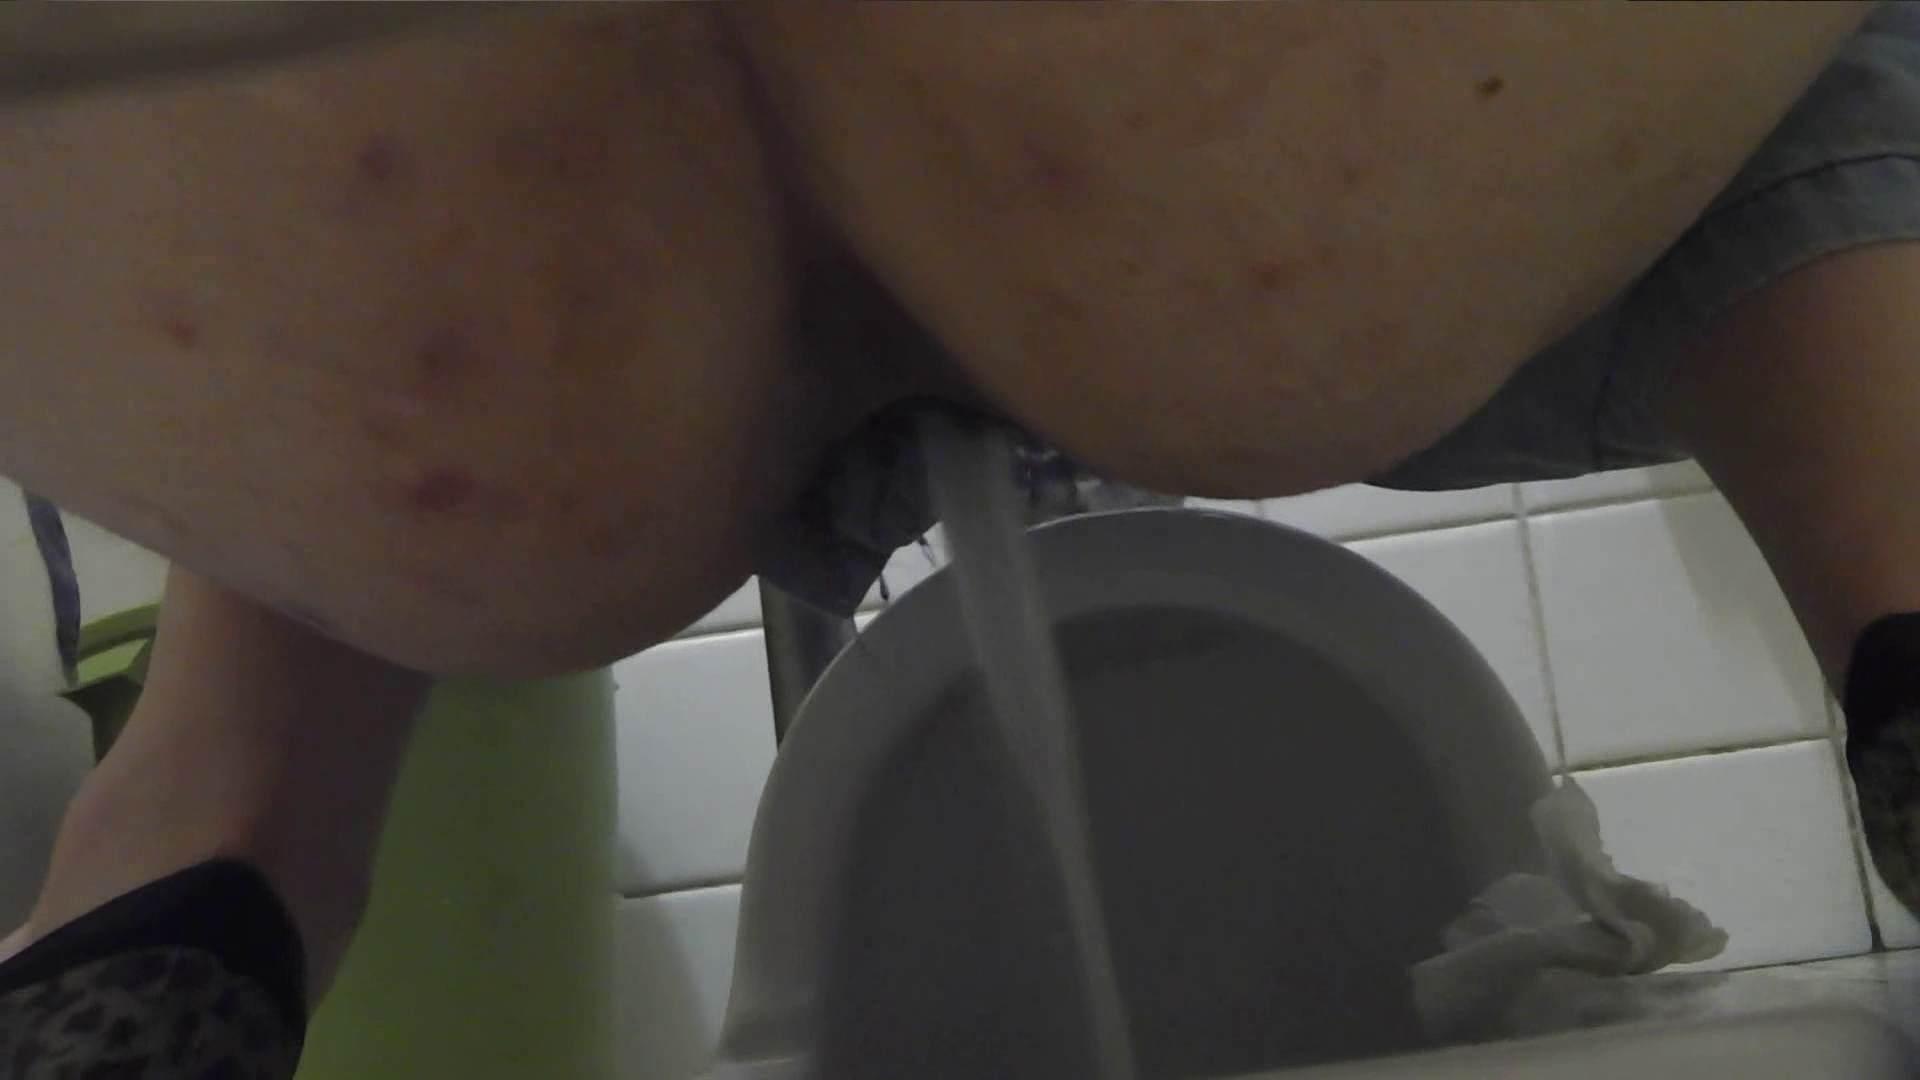 洗面所特攻隊 vol.016 ナナメな方 洗面所 | OLの実態  36pic 27